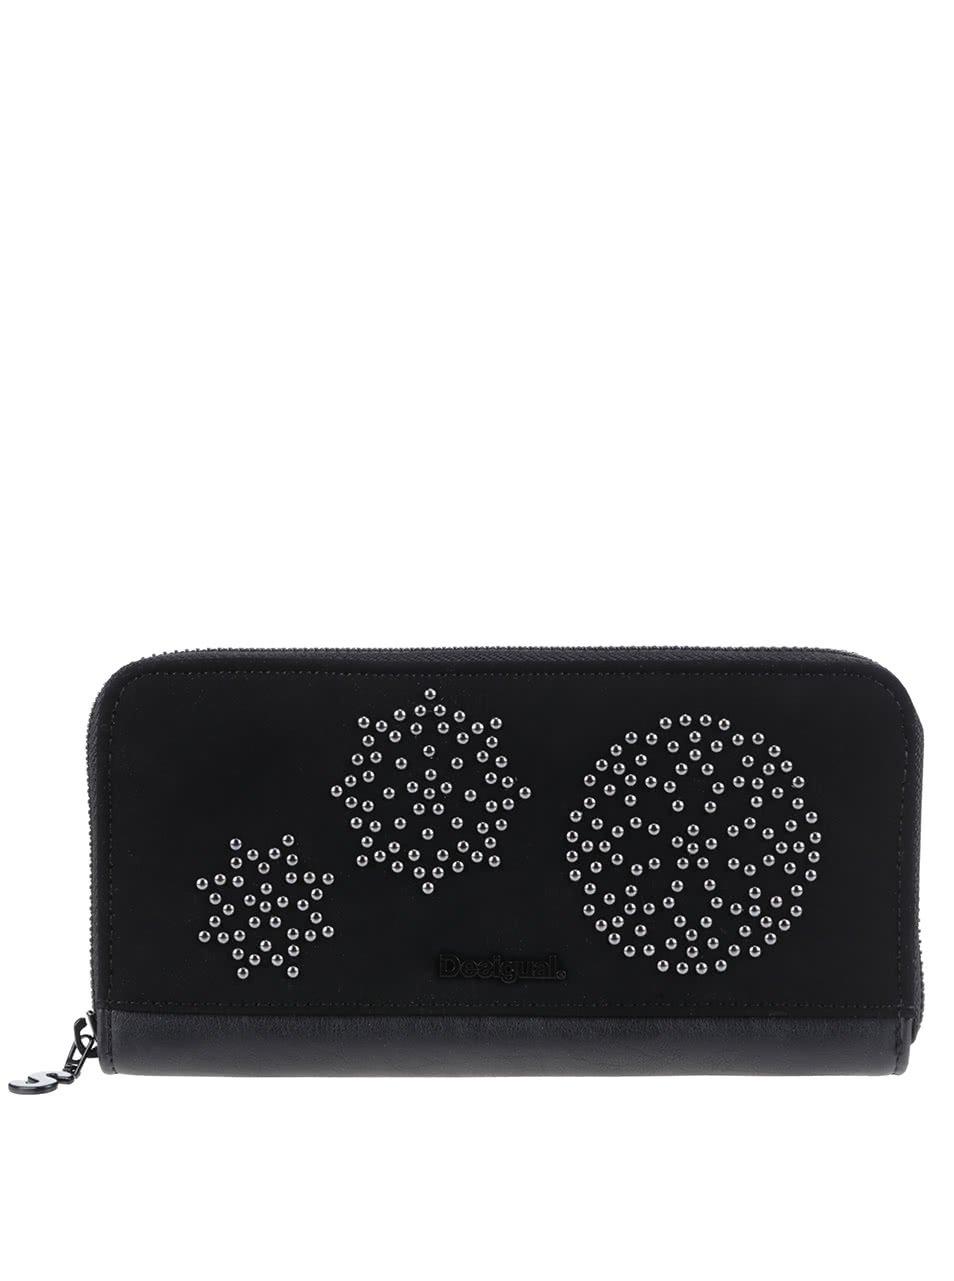 Černá matná peněženka s detaily ve stříbrné barvě Desigual New Blond